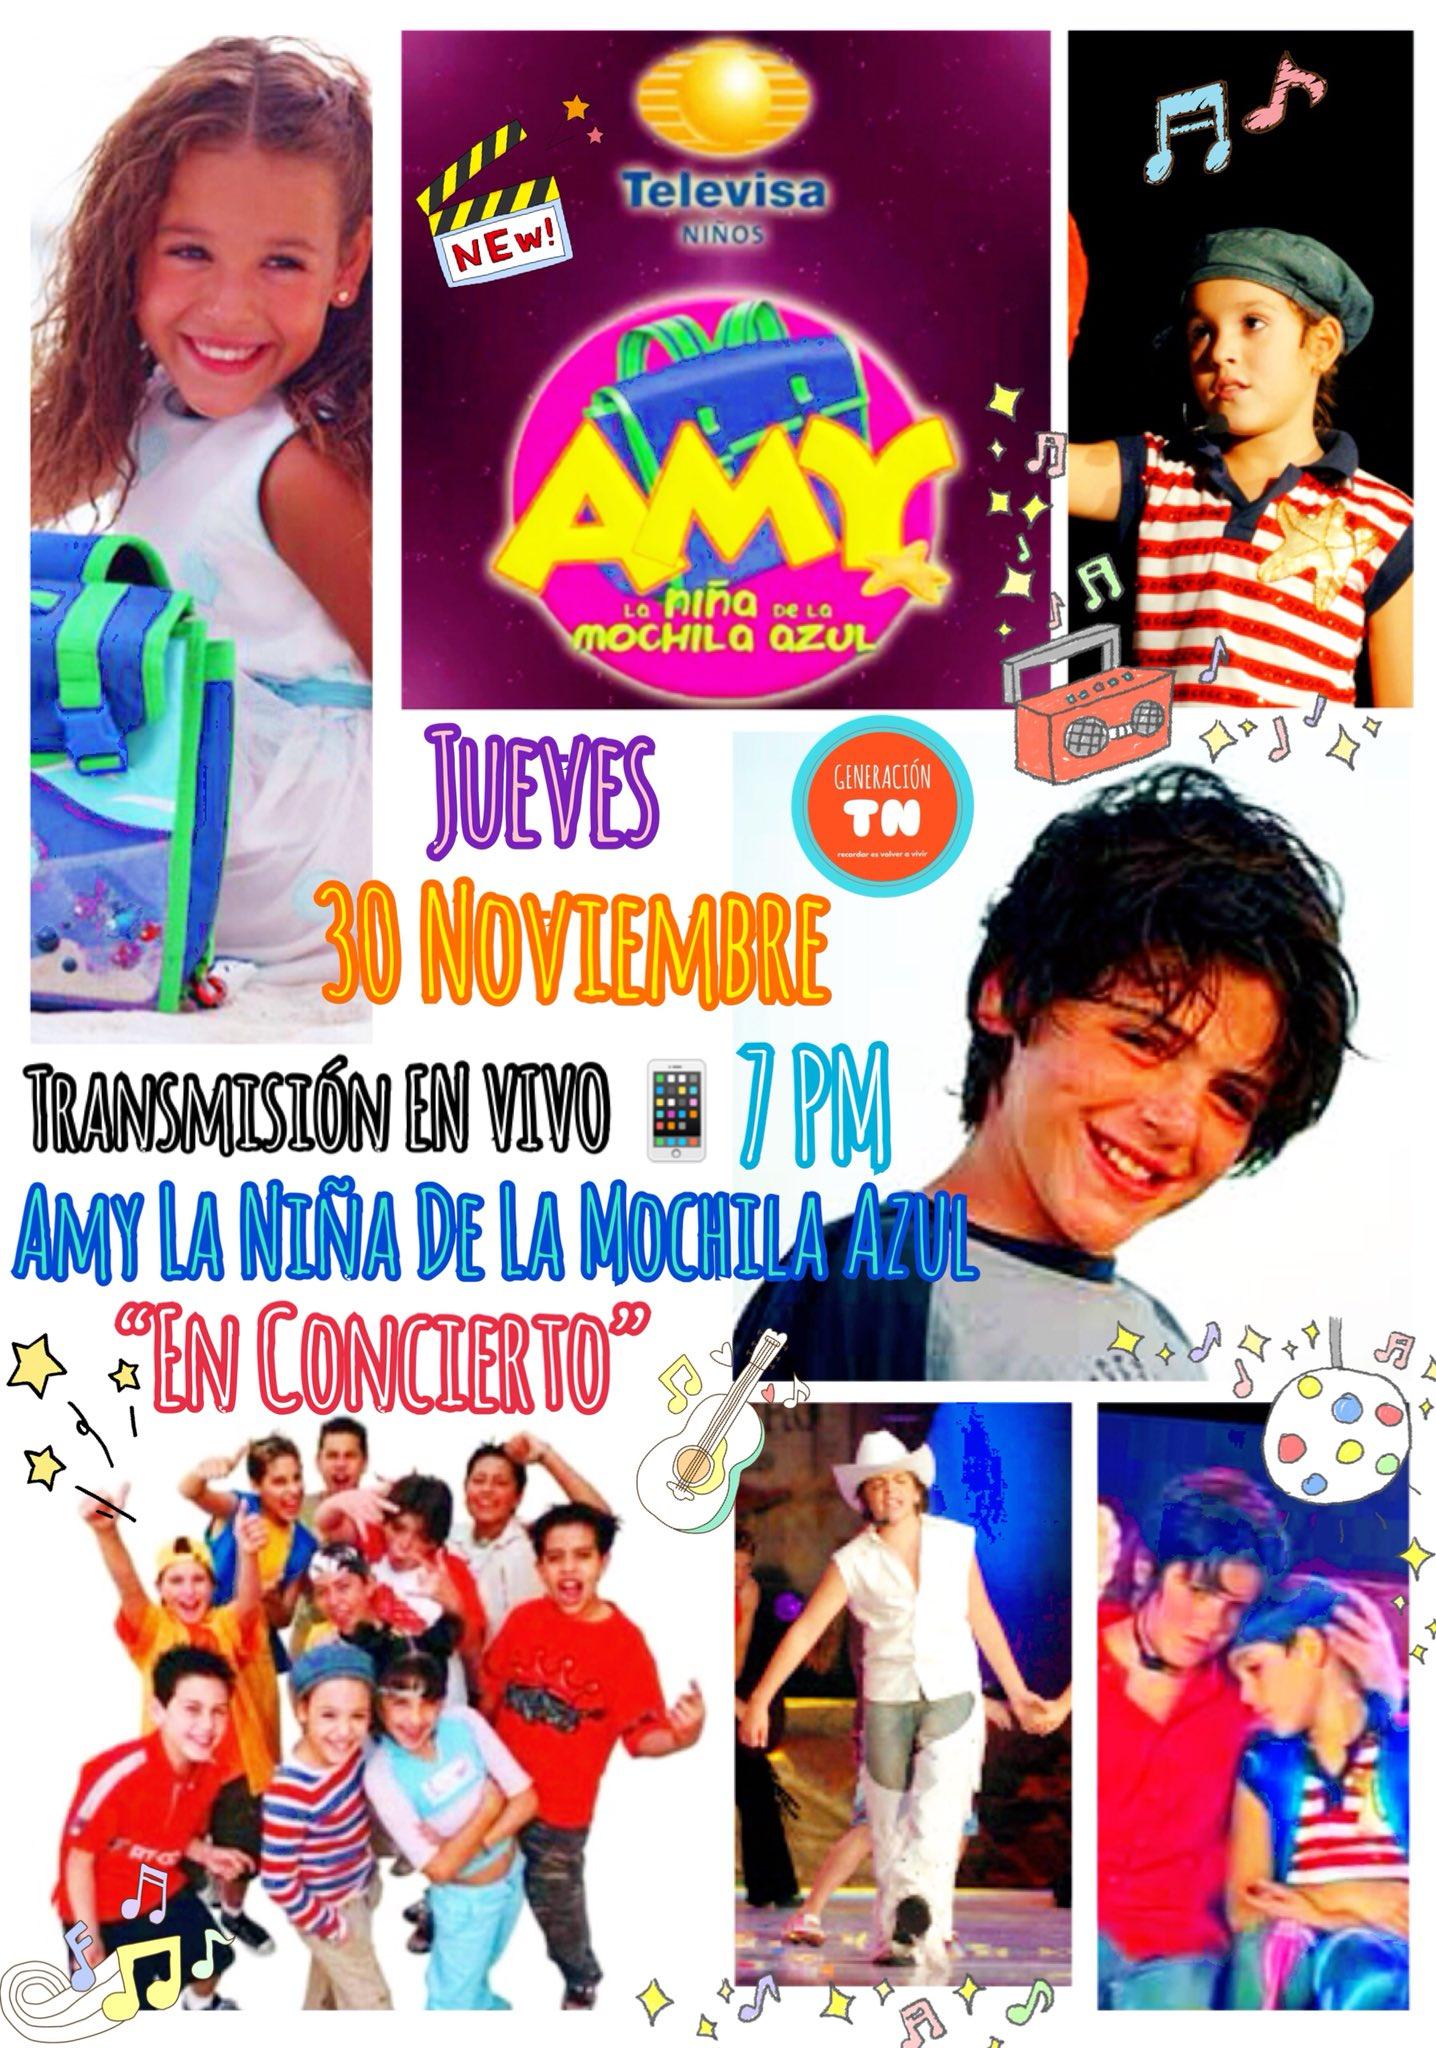 """Amy A Mochila Azul 🌸𝓑𝓮𝓽𝓸 𝓙𝓸𝓻𝓰𝓮🌸 on twitter: """"este jueves 30 de"""